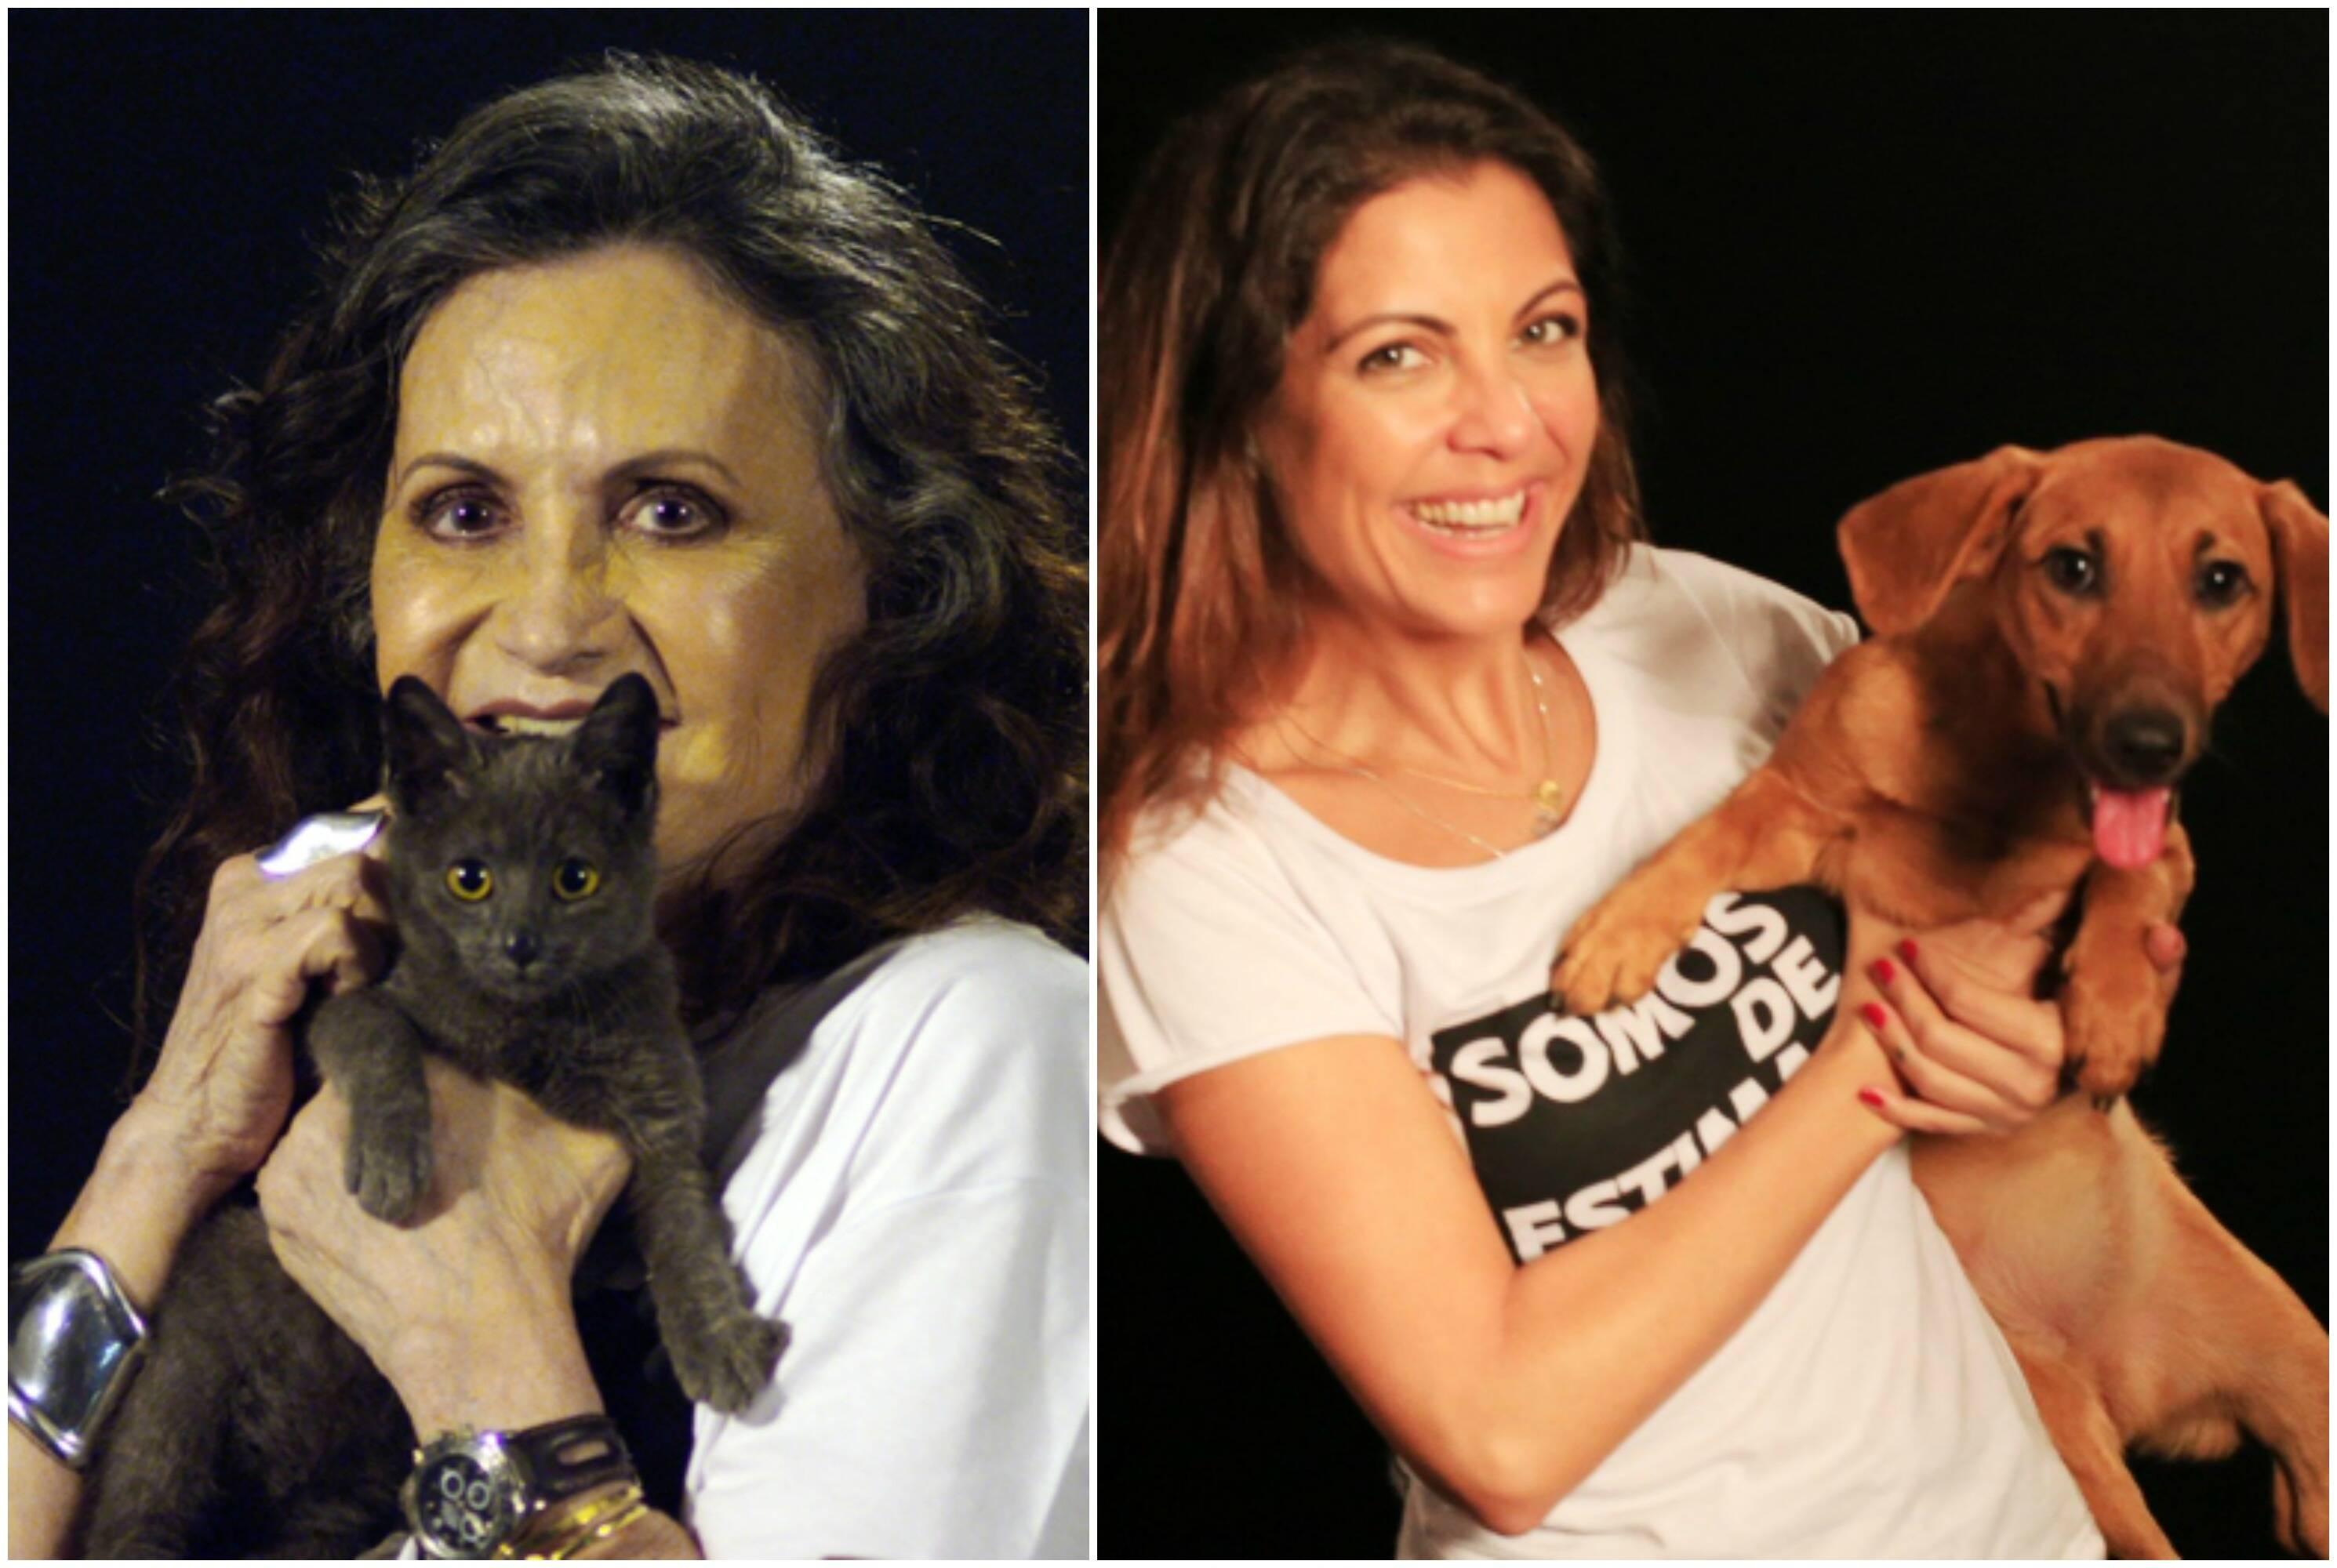 Em sentindo horário: Fernanda Gentil, Miá Mello, Thalita Rebouças e Rosa Maria Murtinho / Fotos: divulgação